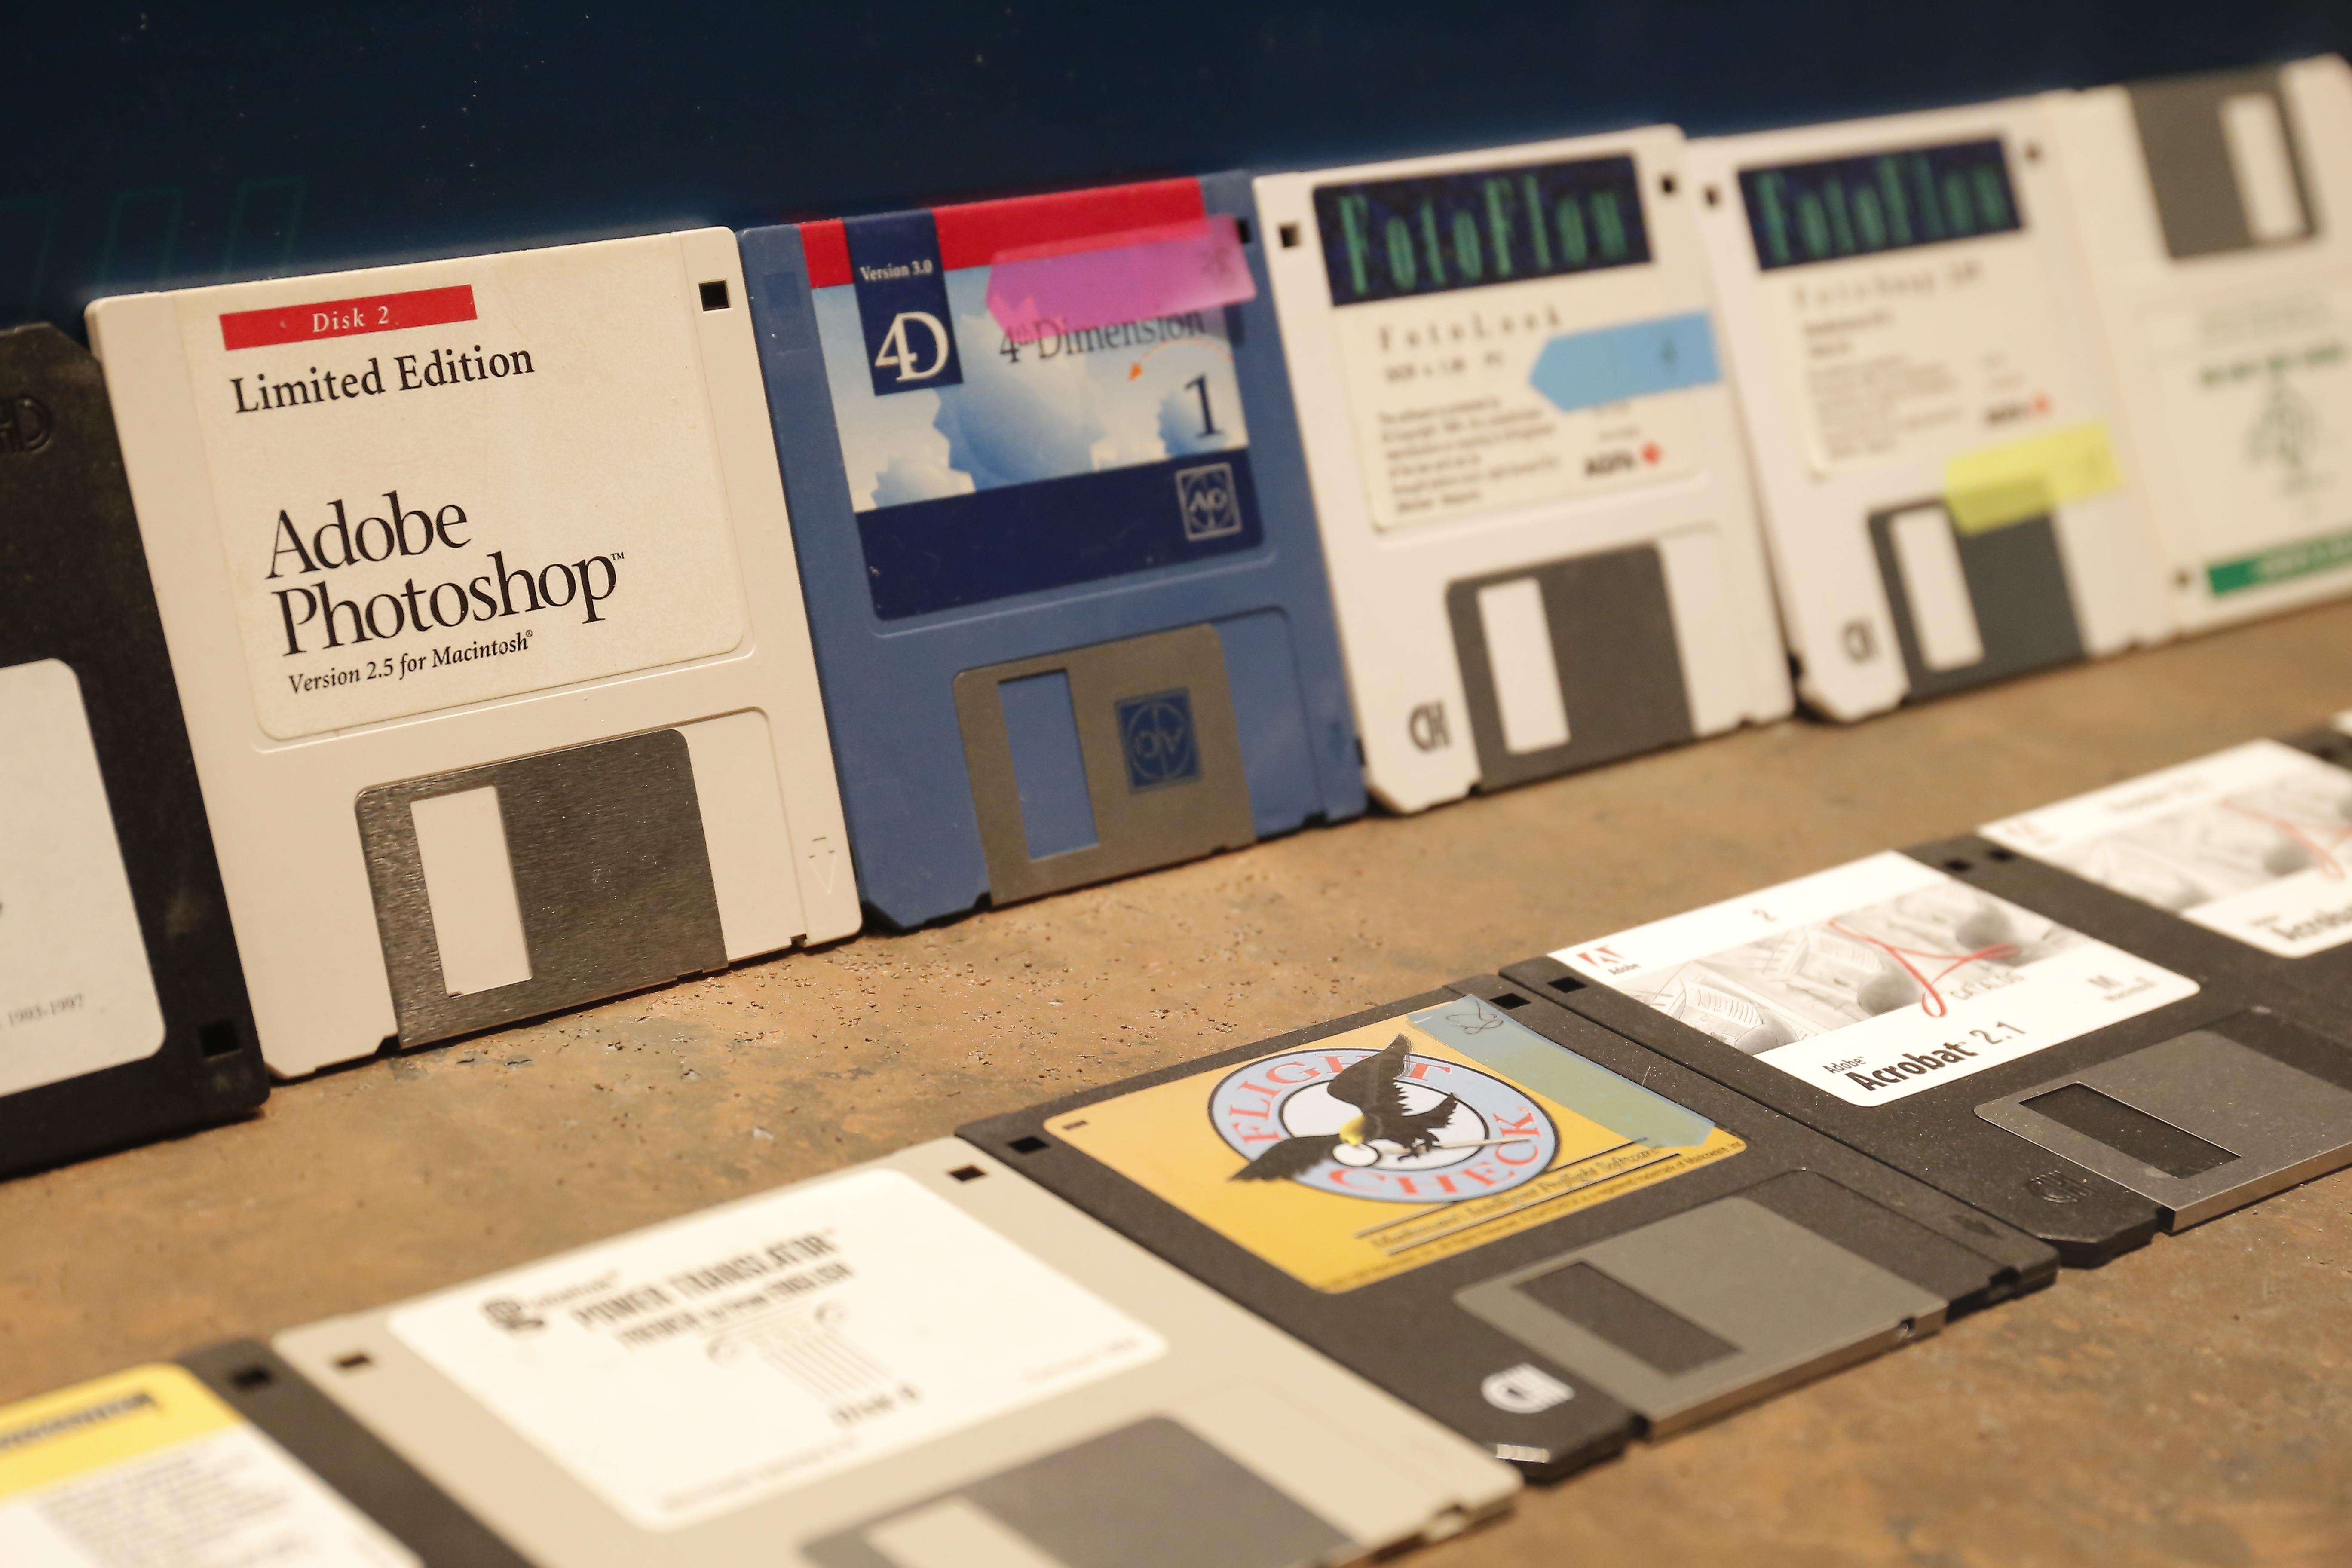 Các phần mềm photoshop, viễn thông, dịch, xử lý ảnh, xử lý văn bản, v.v, được mua ở nước ngoài.